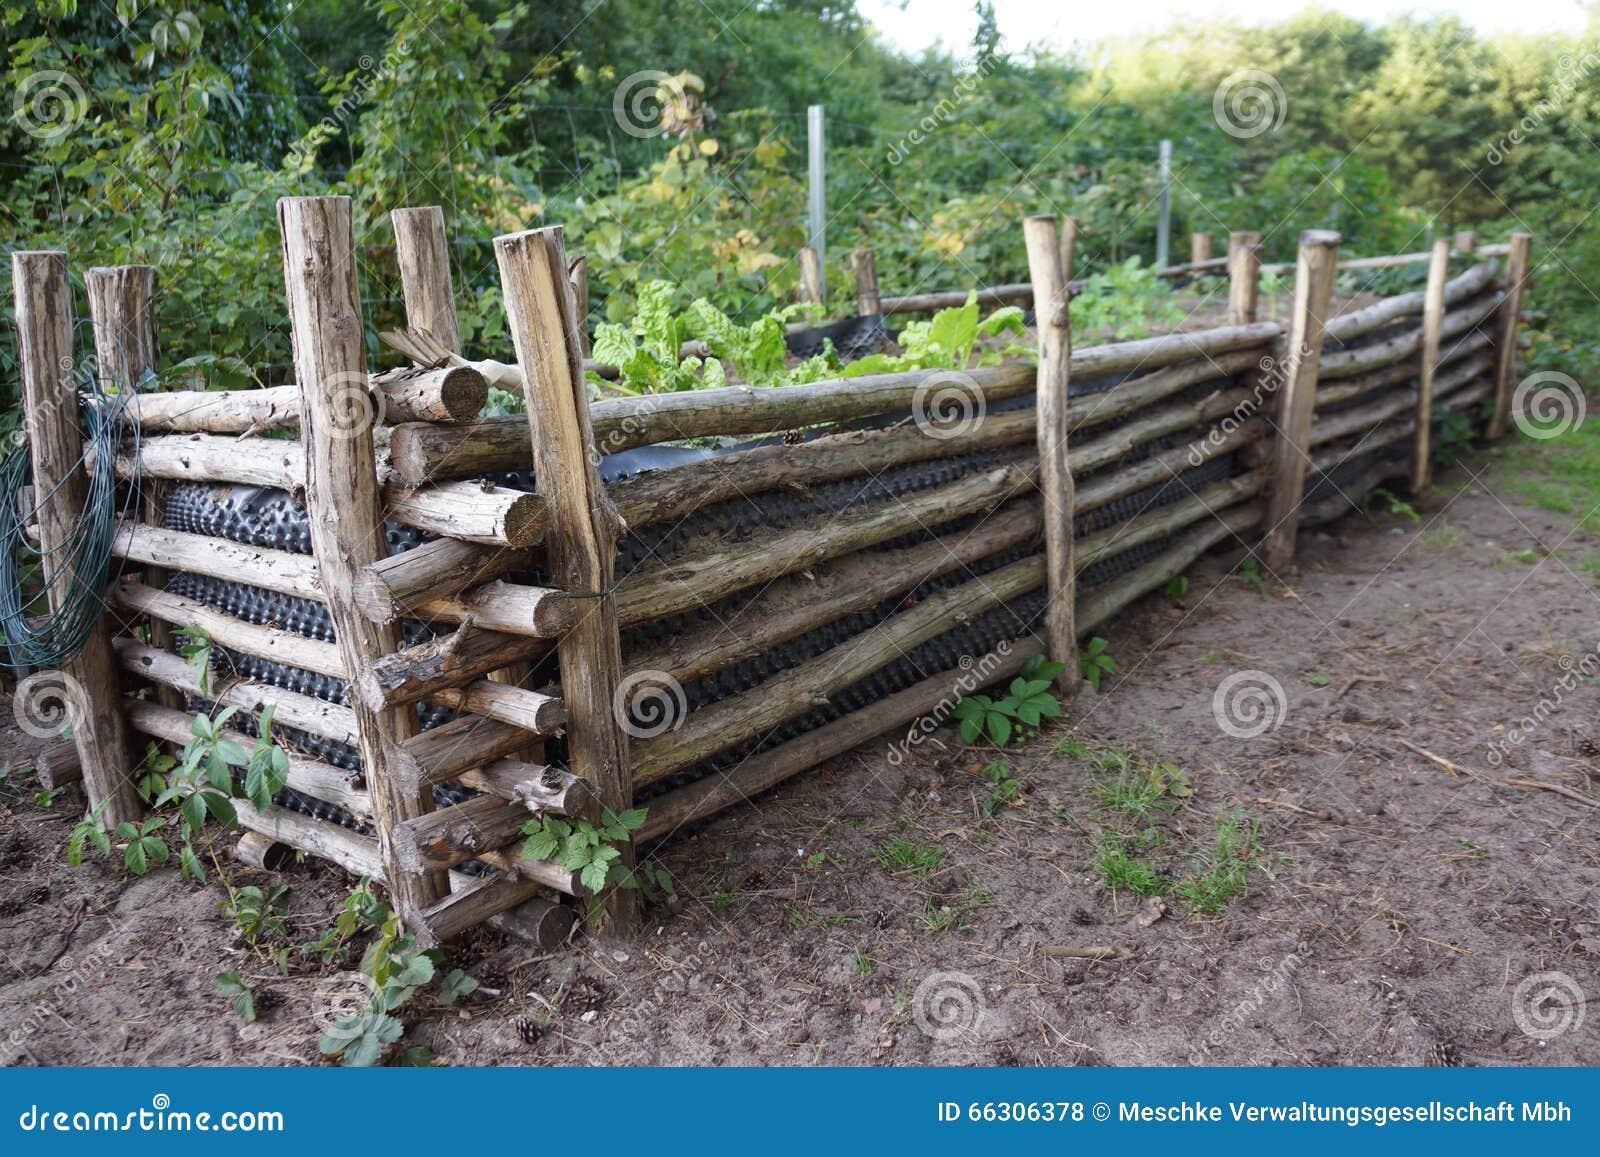 Hochbeet Mit Anlagen Stockfoto Bild Von Nahrung Zaun 66306378